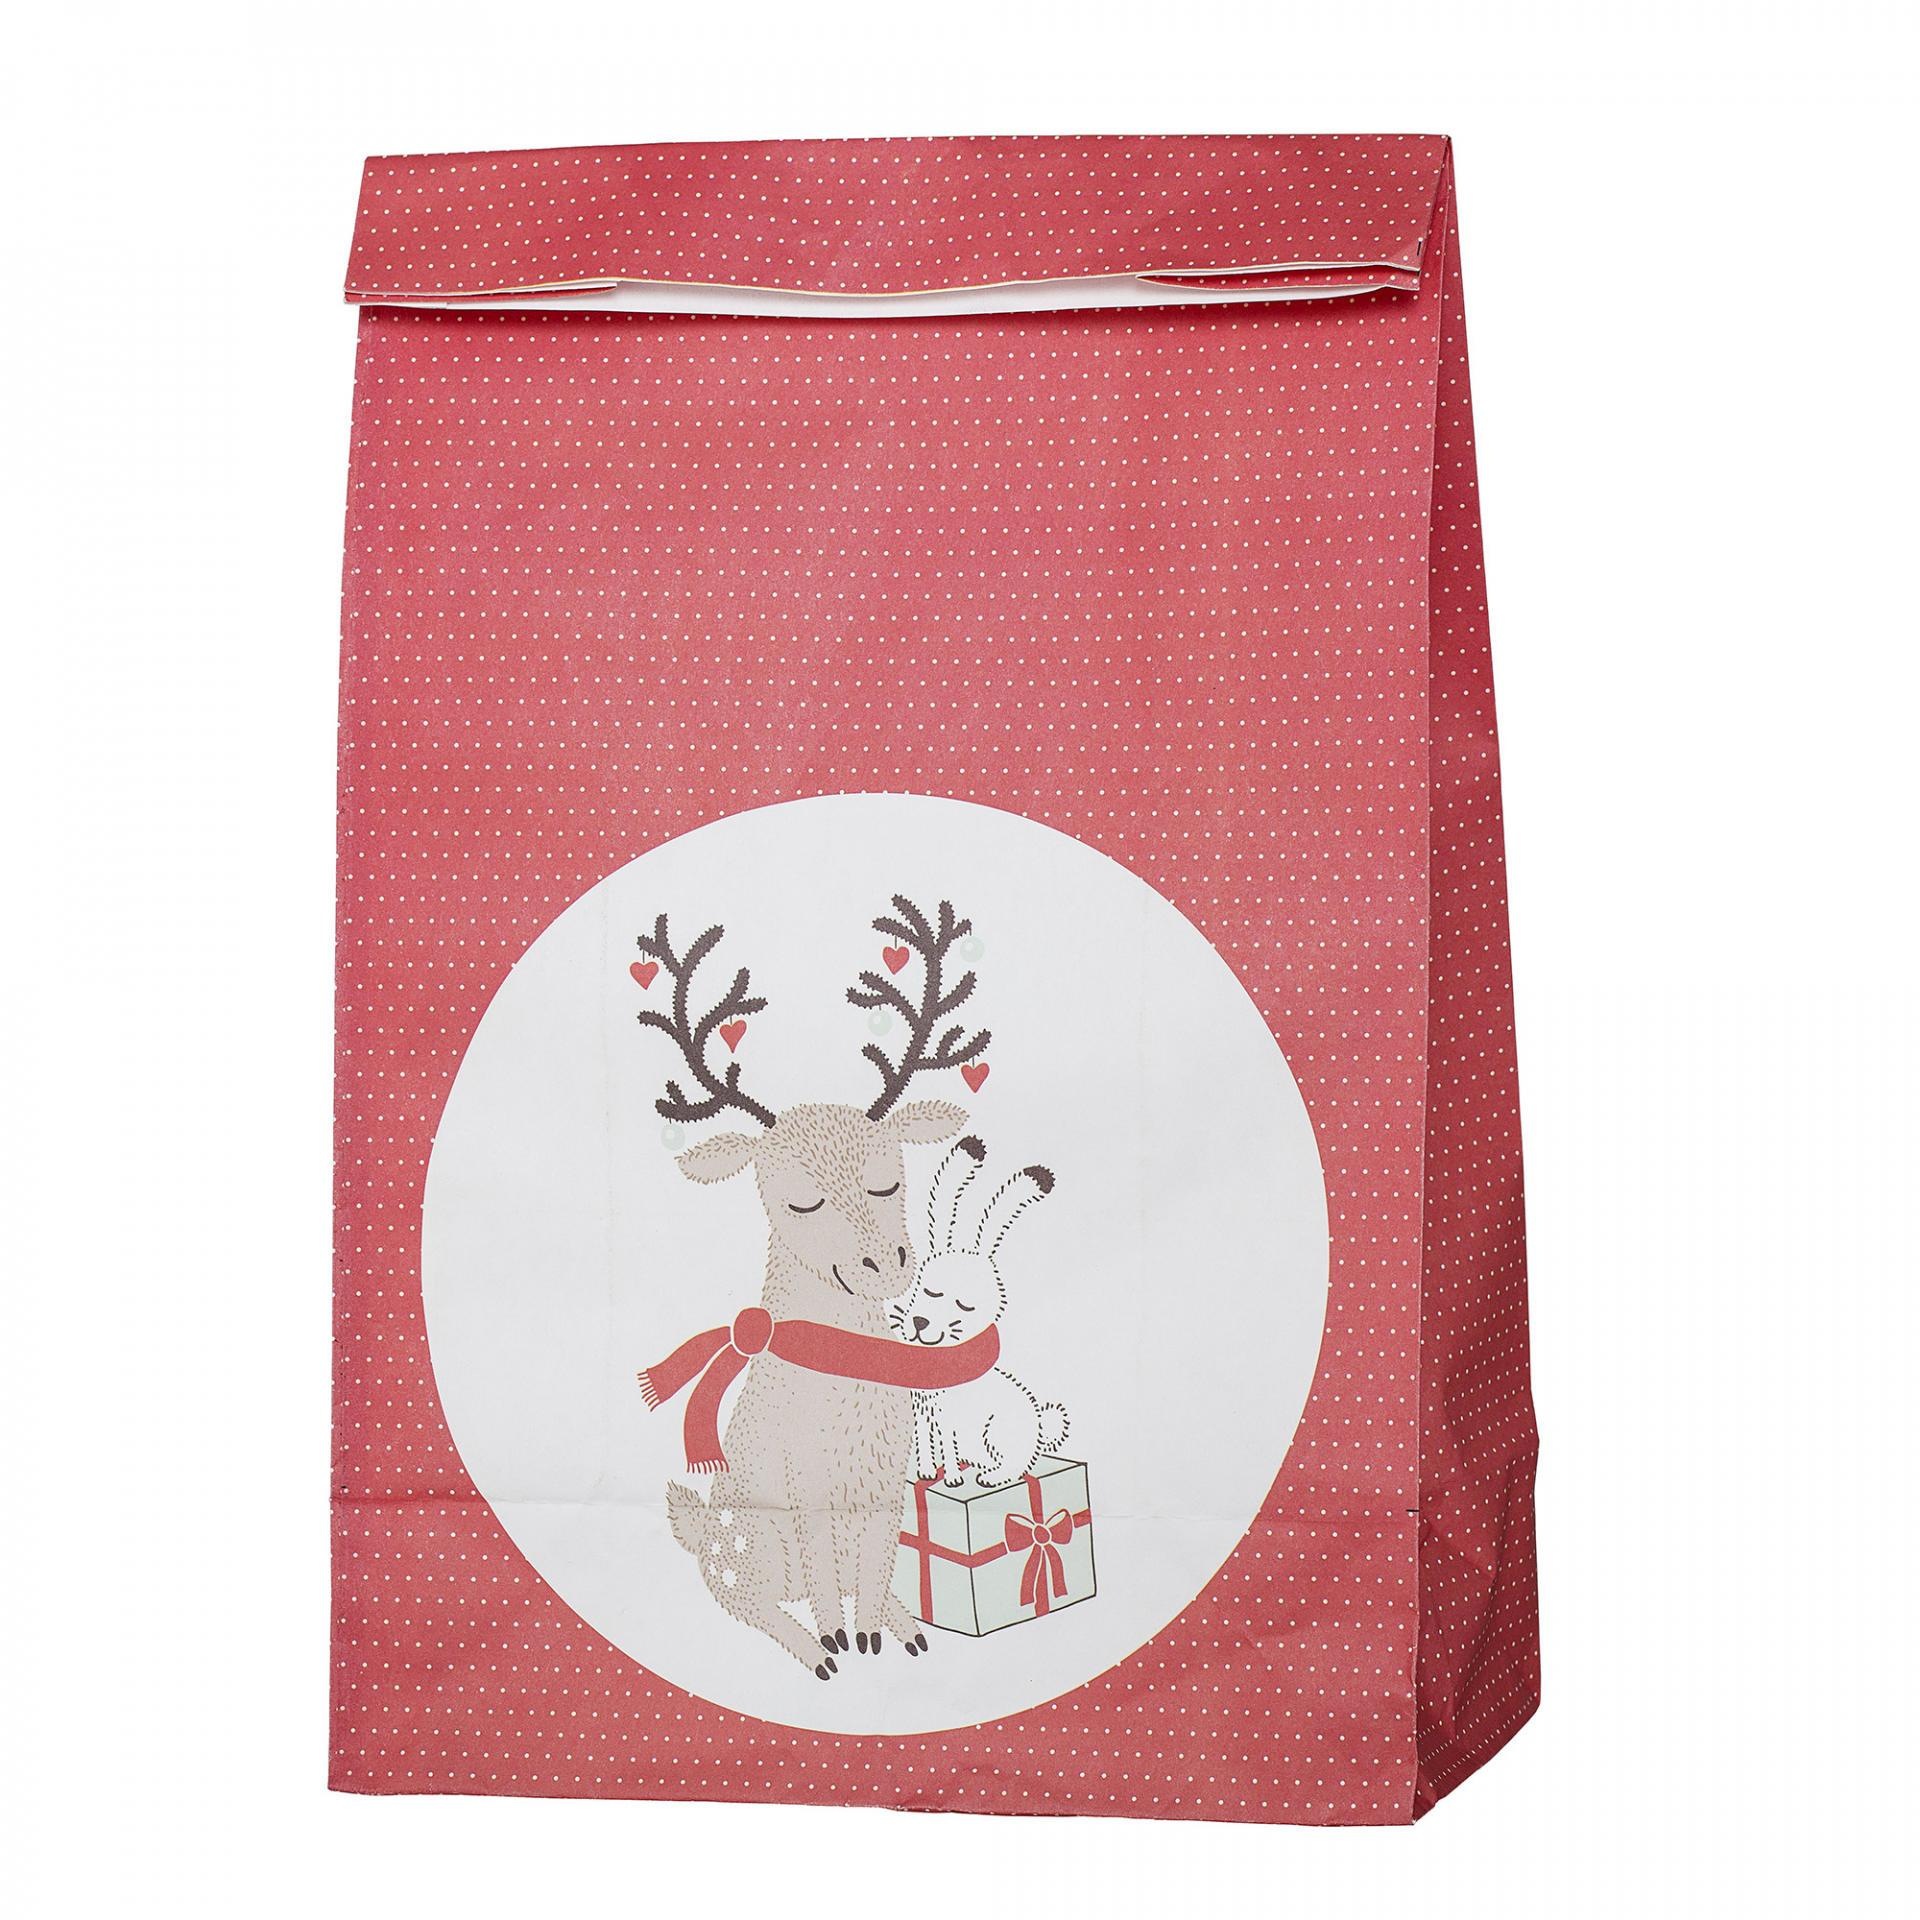 Bloomingville Papírový sáček na dárky Twinkle, červená barva, papír